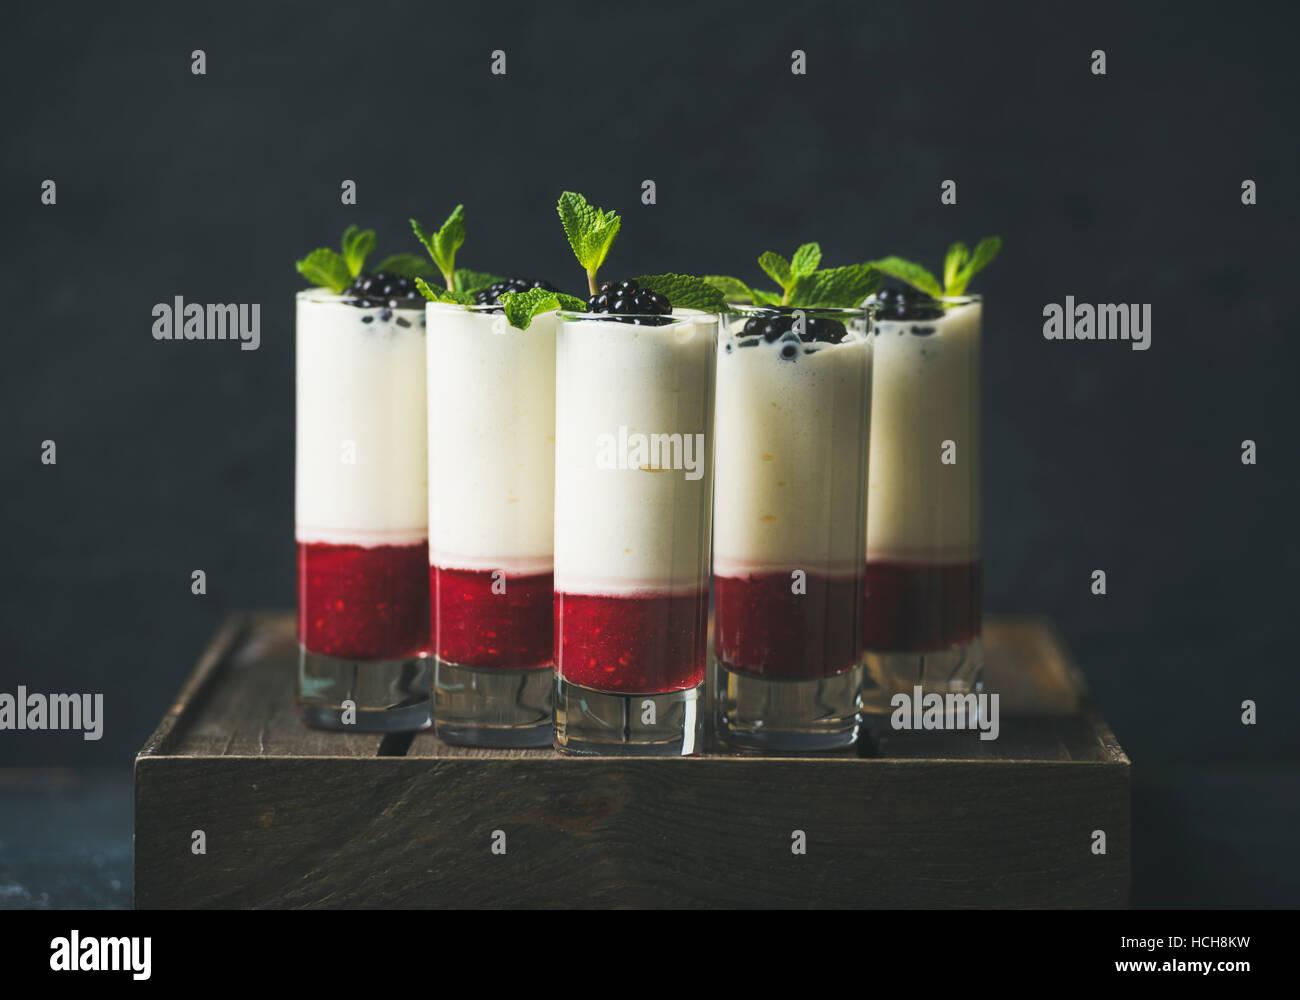 Catering, banchetti o partito concetto alimentare. Il dessert in vetro con more e le foglie di menta su sfondo scuro Immagini Stock